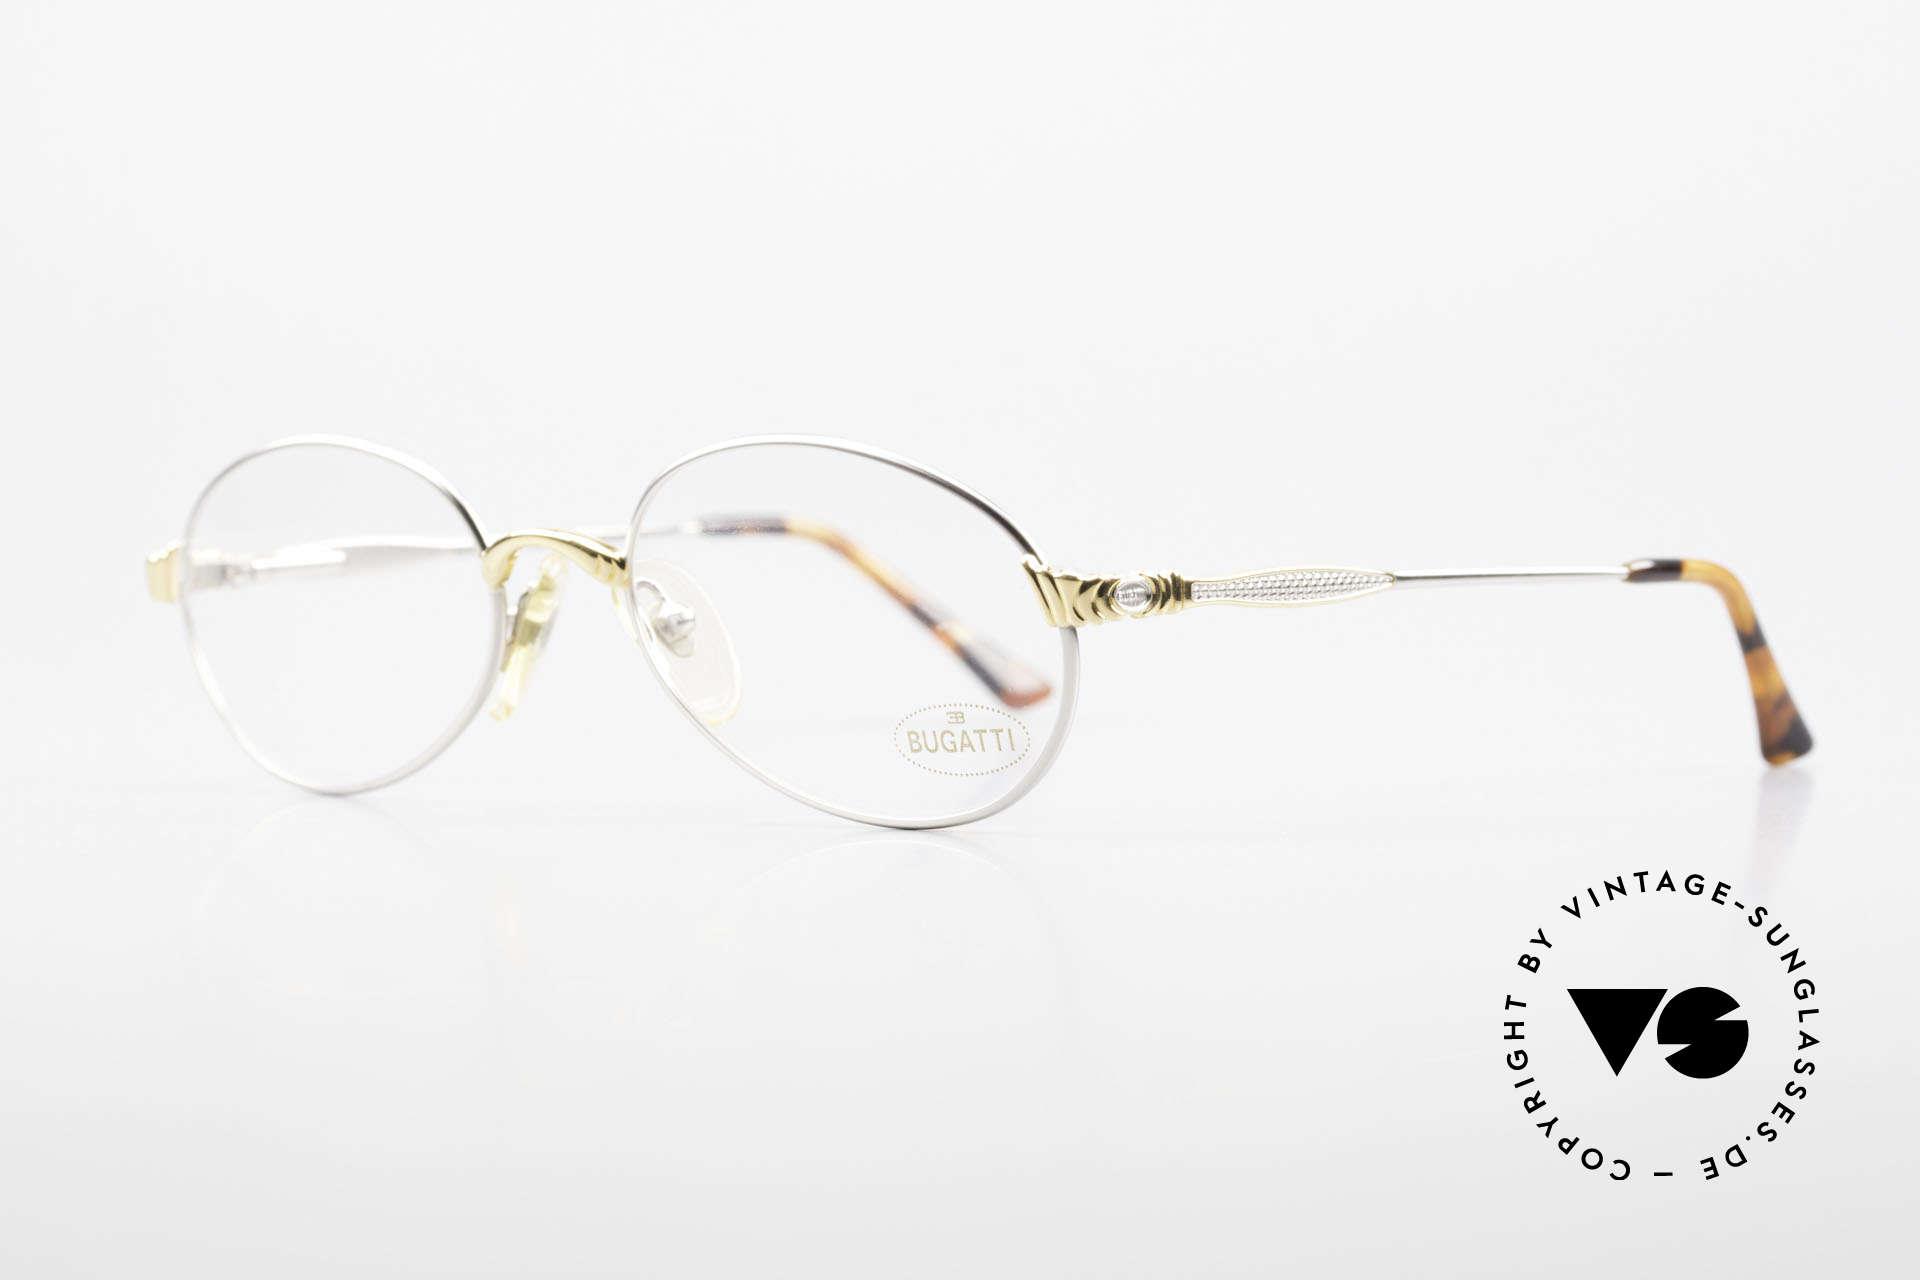 Bugatti 14109 90er Brille Titanium Herren, beste Materialien (Titanium-Bügel) & Verarbeitung, Passend für Herren